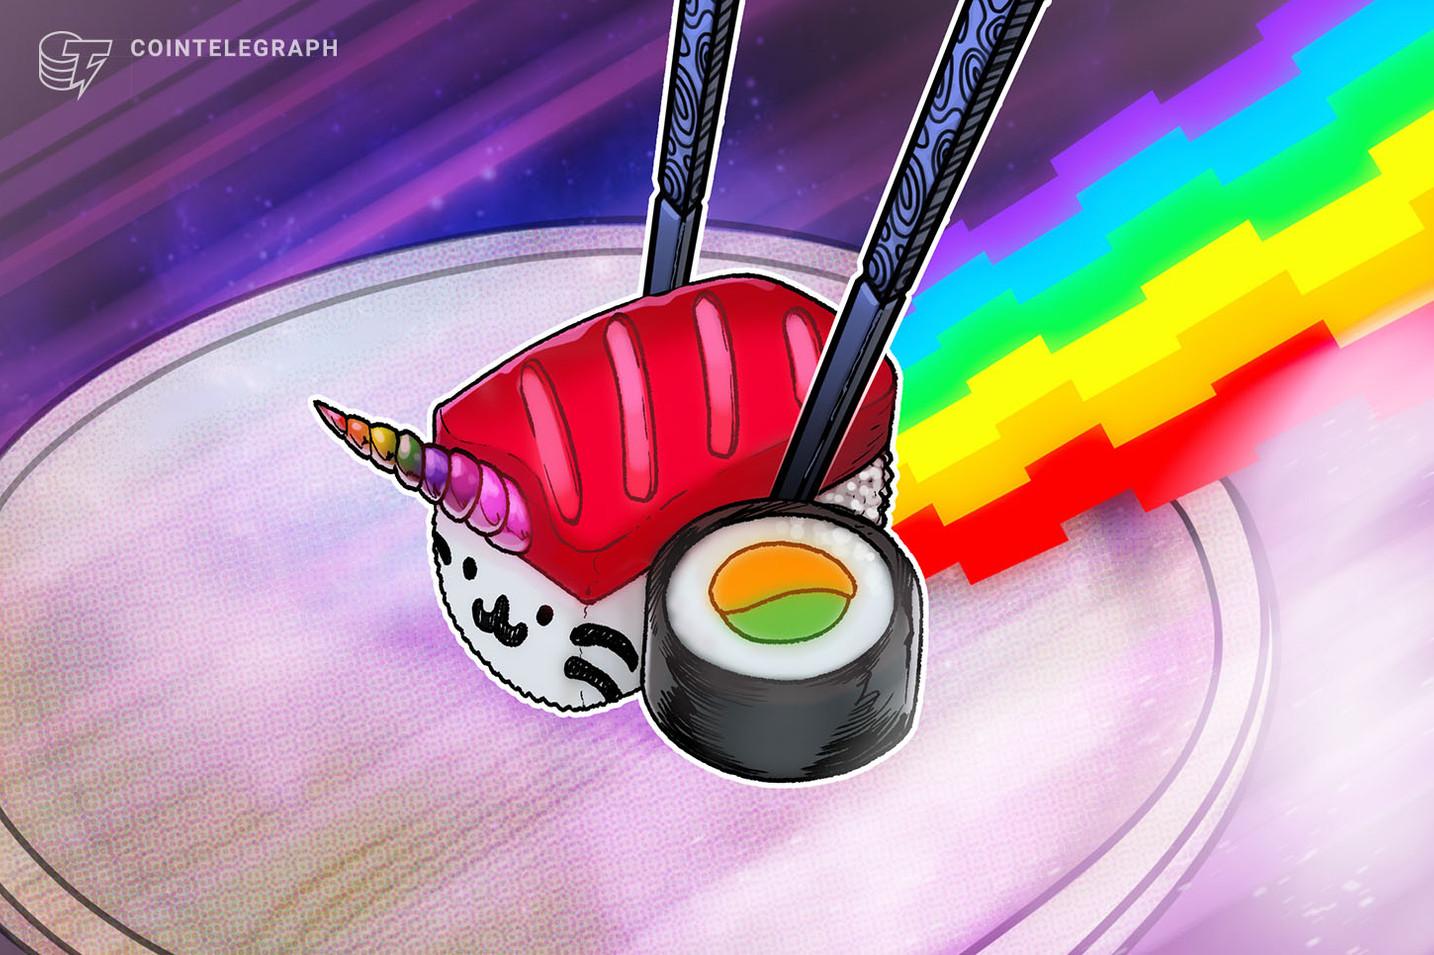 O efeito Yearn.finance: por que a SushiSwap (SUSHI) subiu 75% em 1 semana